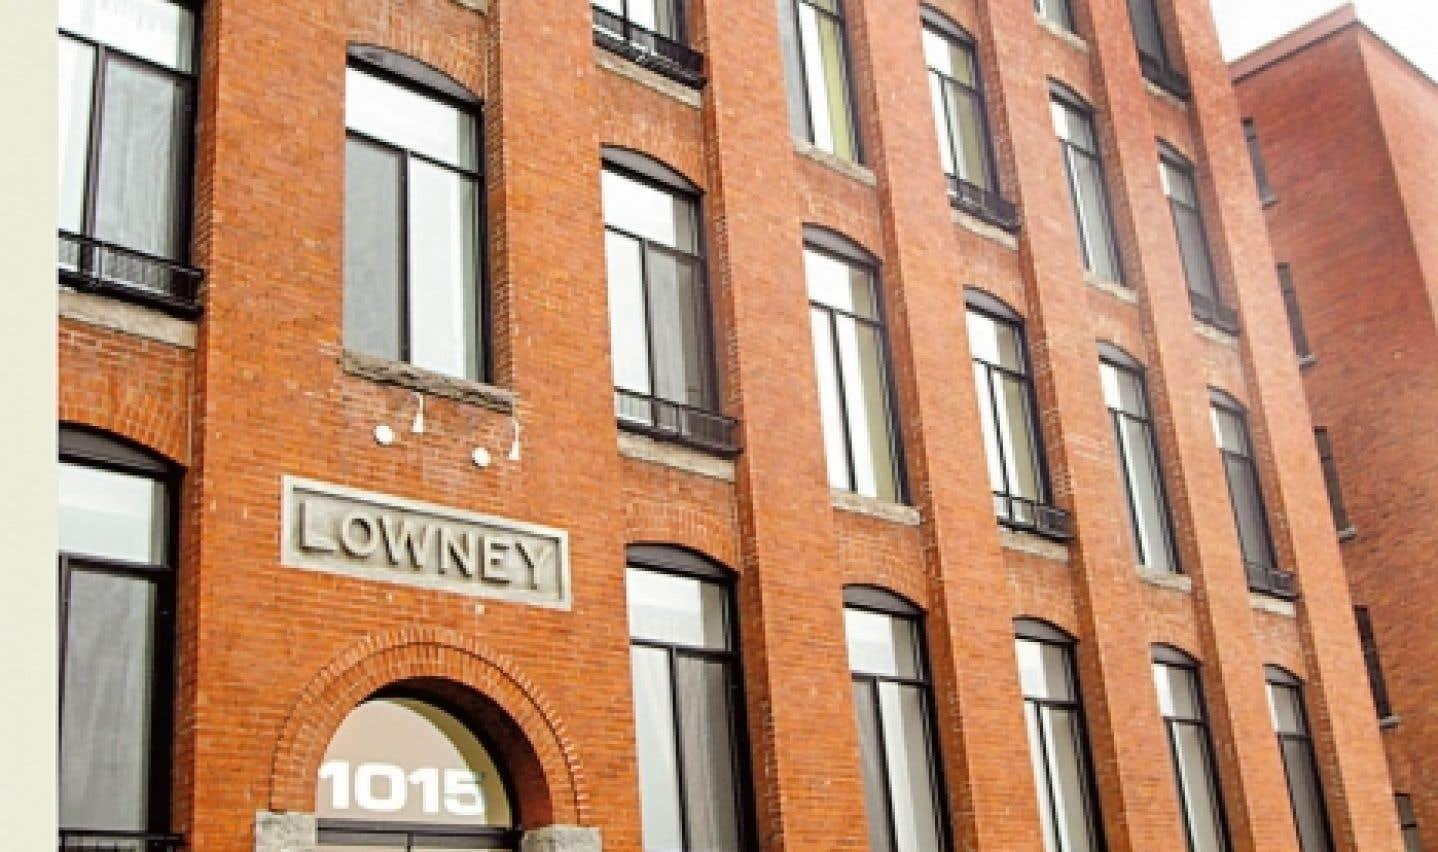 Les premières phases du projet Lowney ont été élaborées avec des logements souvent plus restreints en matière d'espace, un peu comme dans les grandes villes européennes, afin d'en rendre accessible la propriété à des gens dans la vingtaine ou le début de la trentaine.